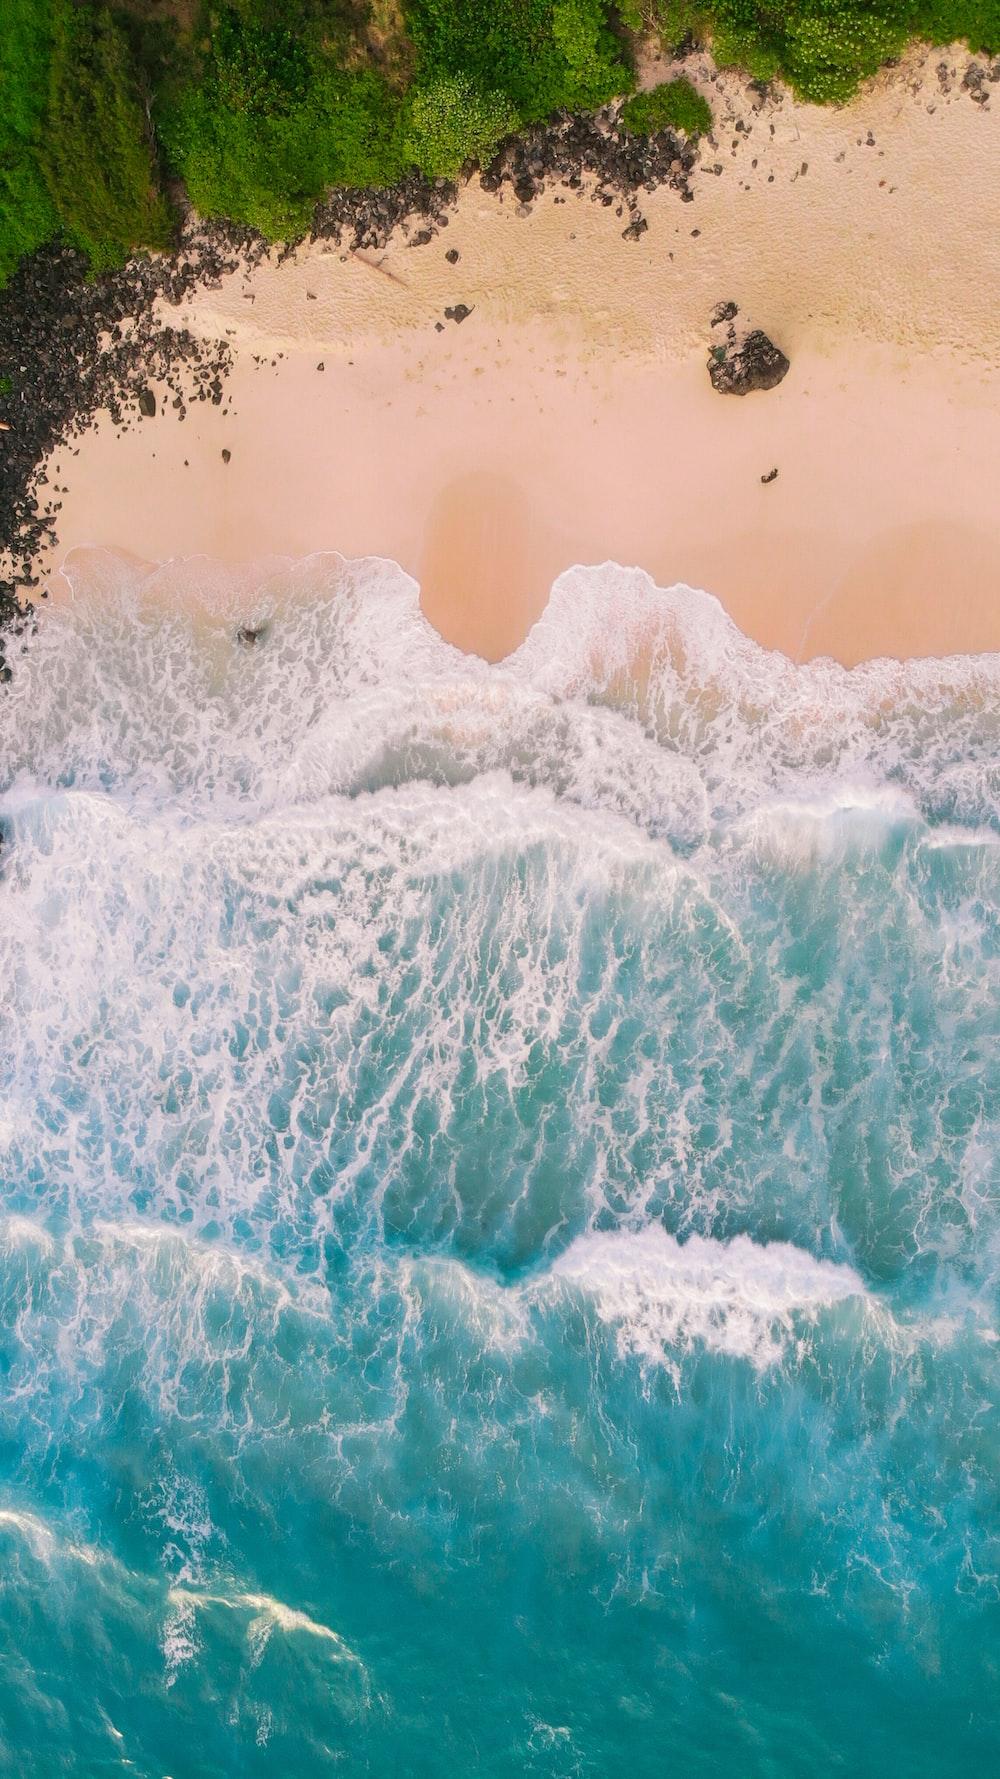 sea wave viewing seashore